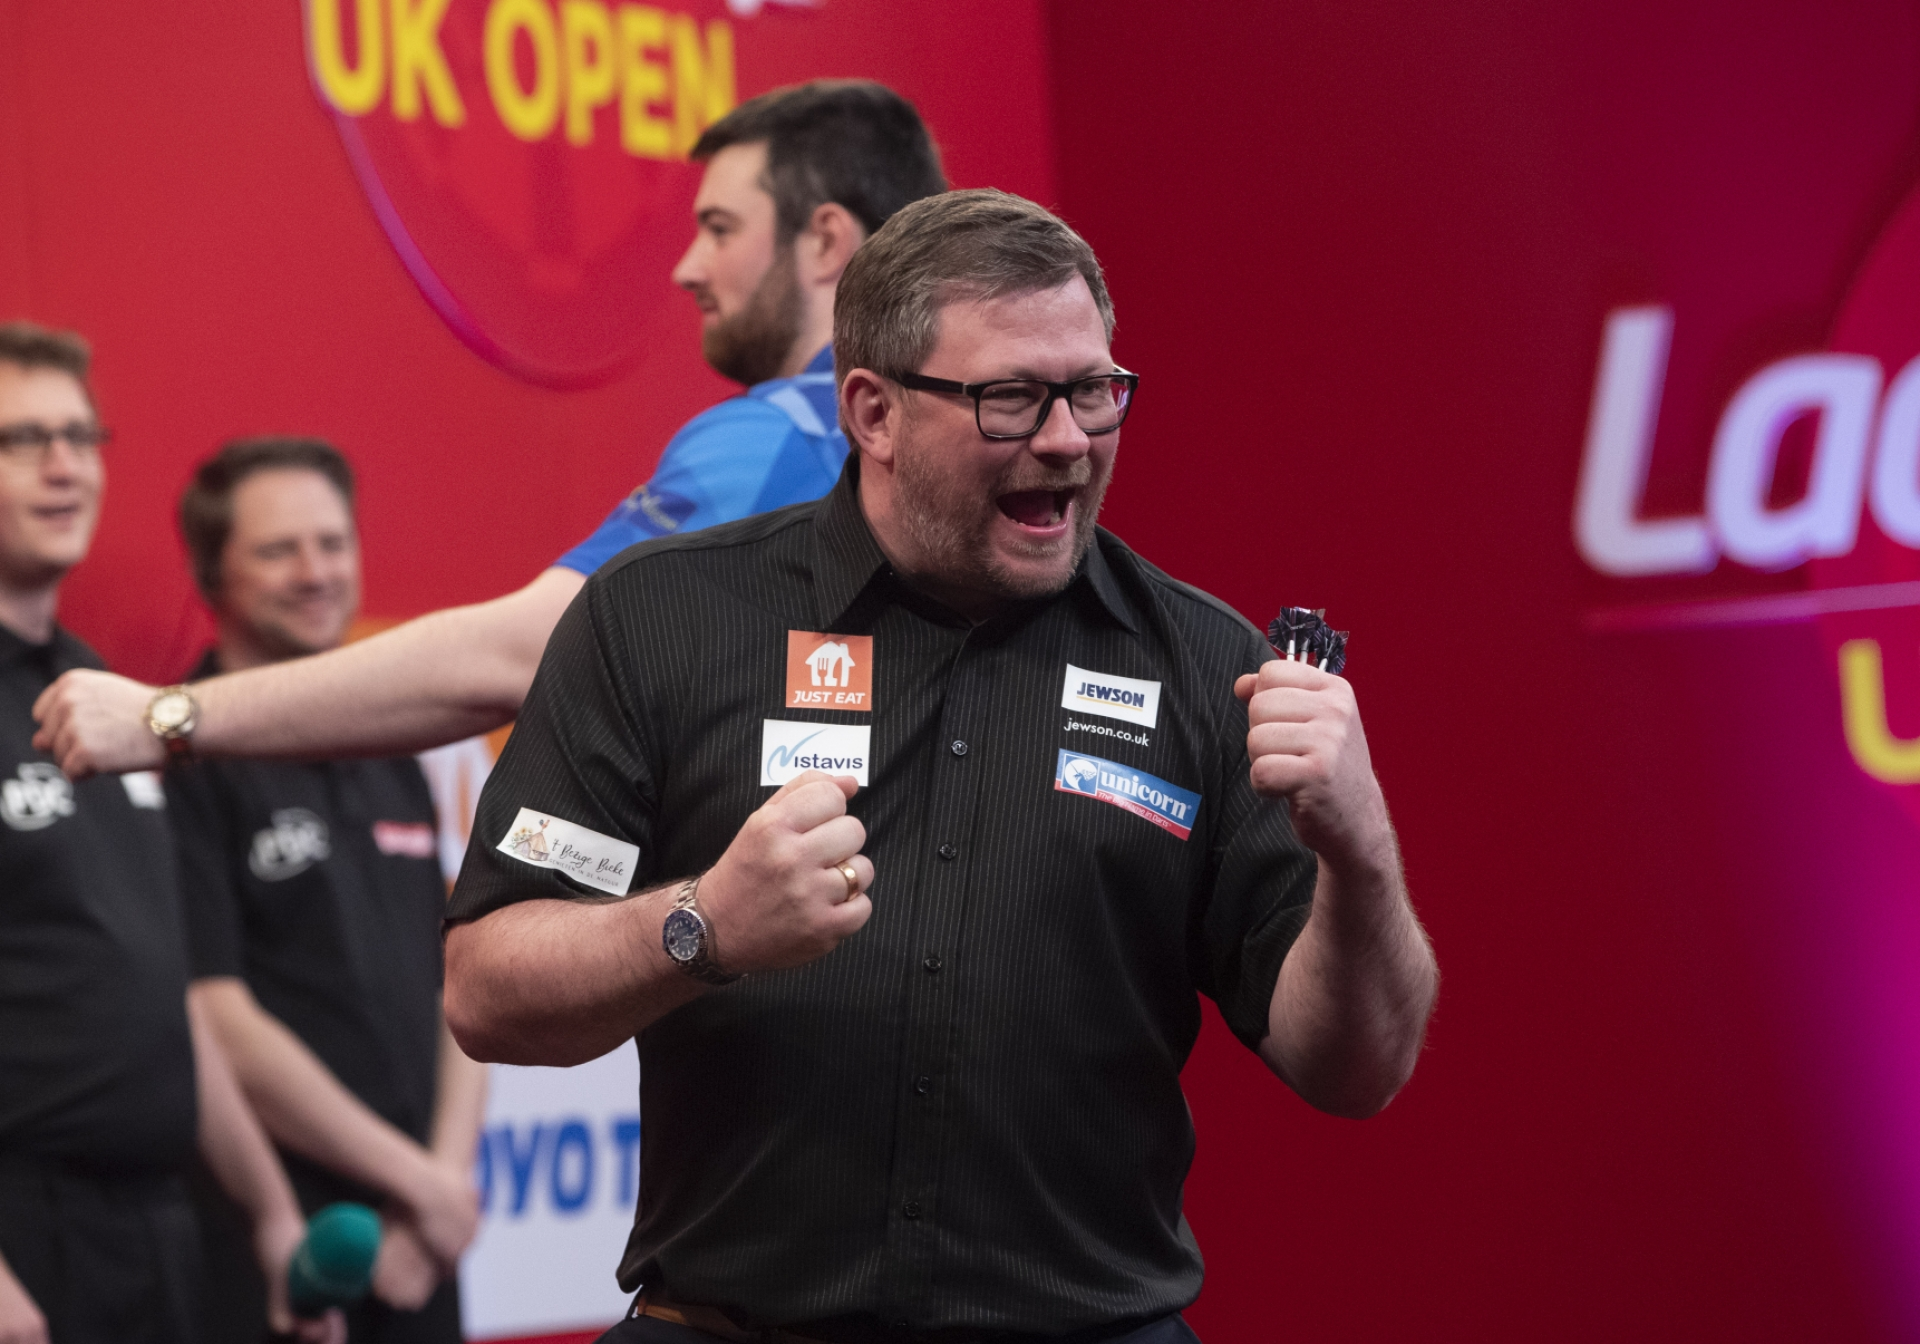 James Wade - UK Open 2021